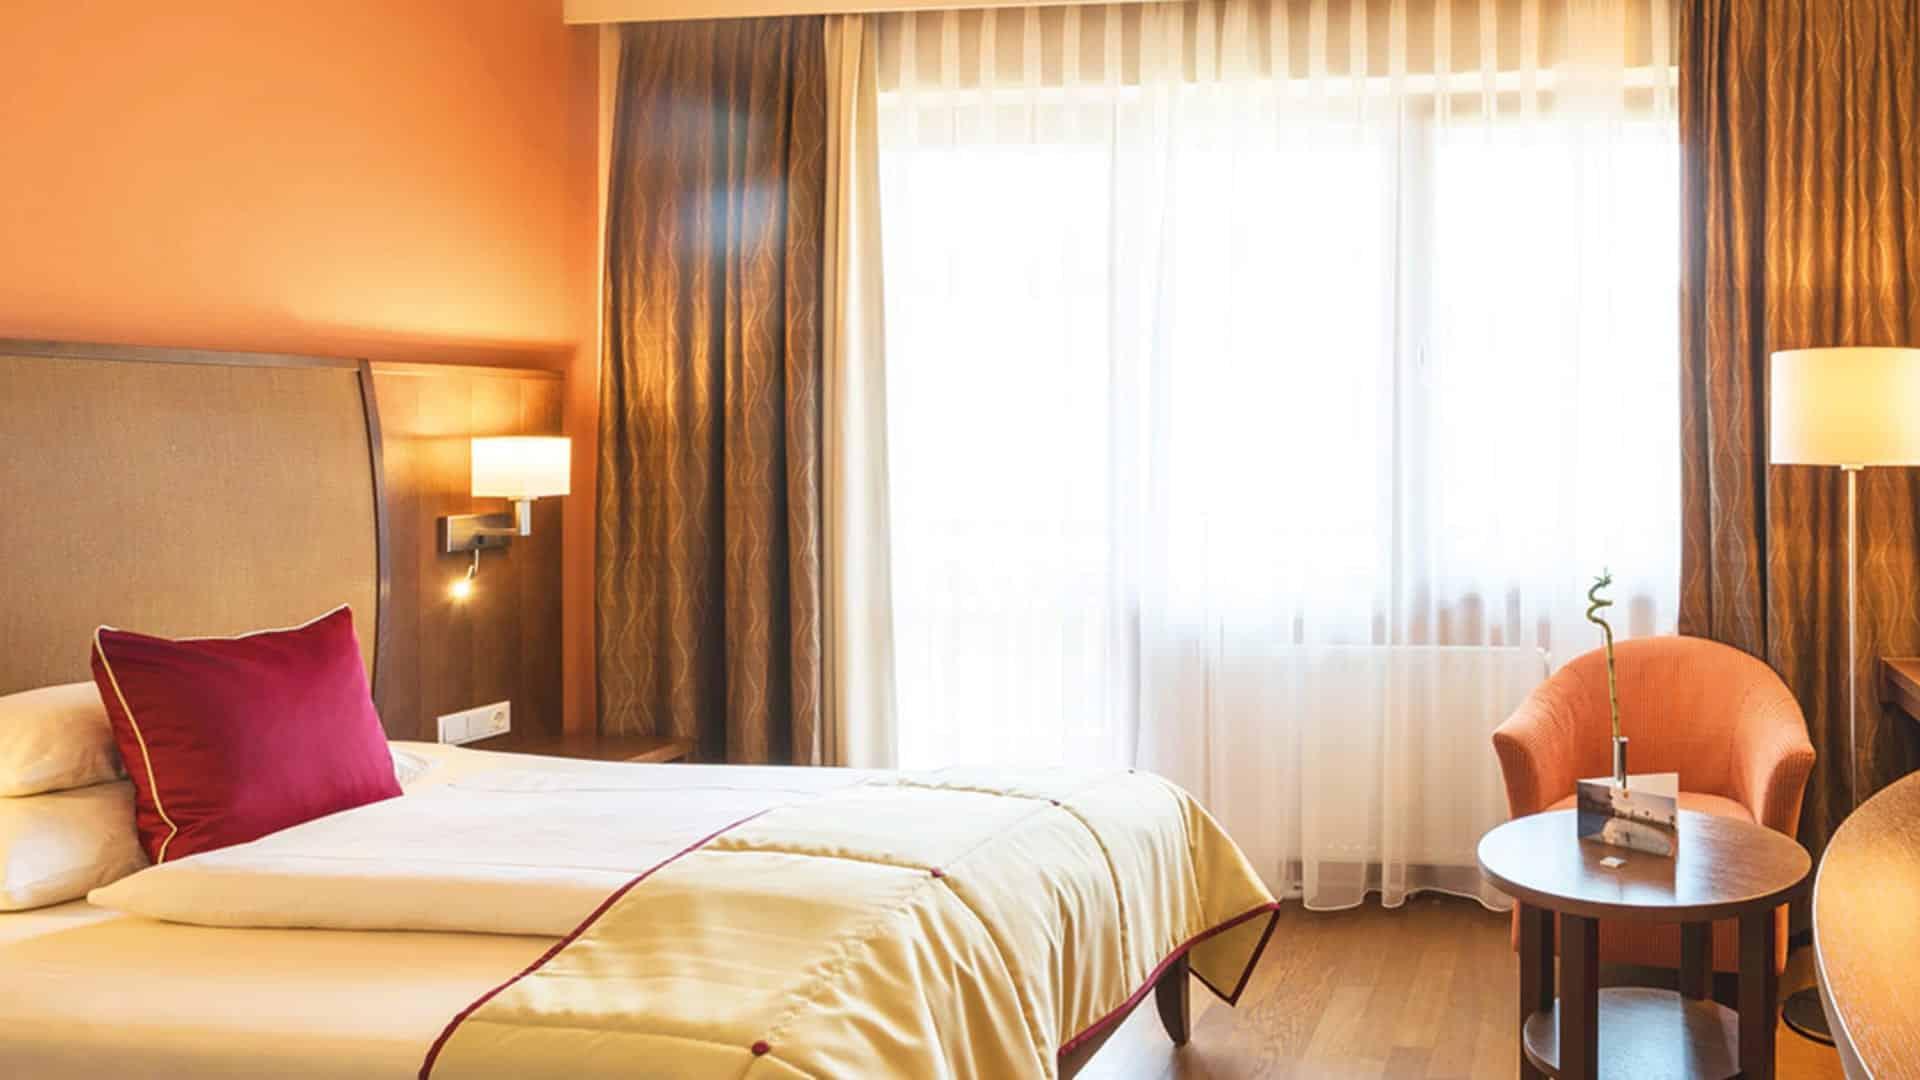 Grand Lit Einzelzimmer im Hotel Larimar